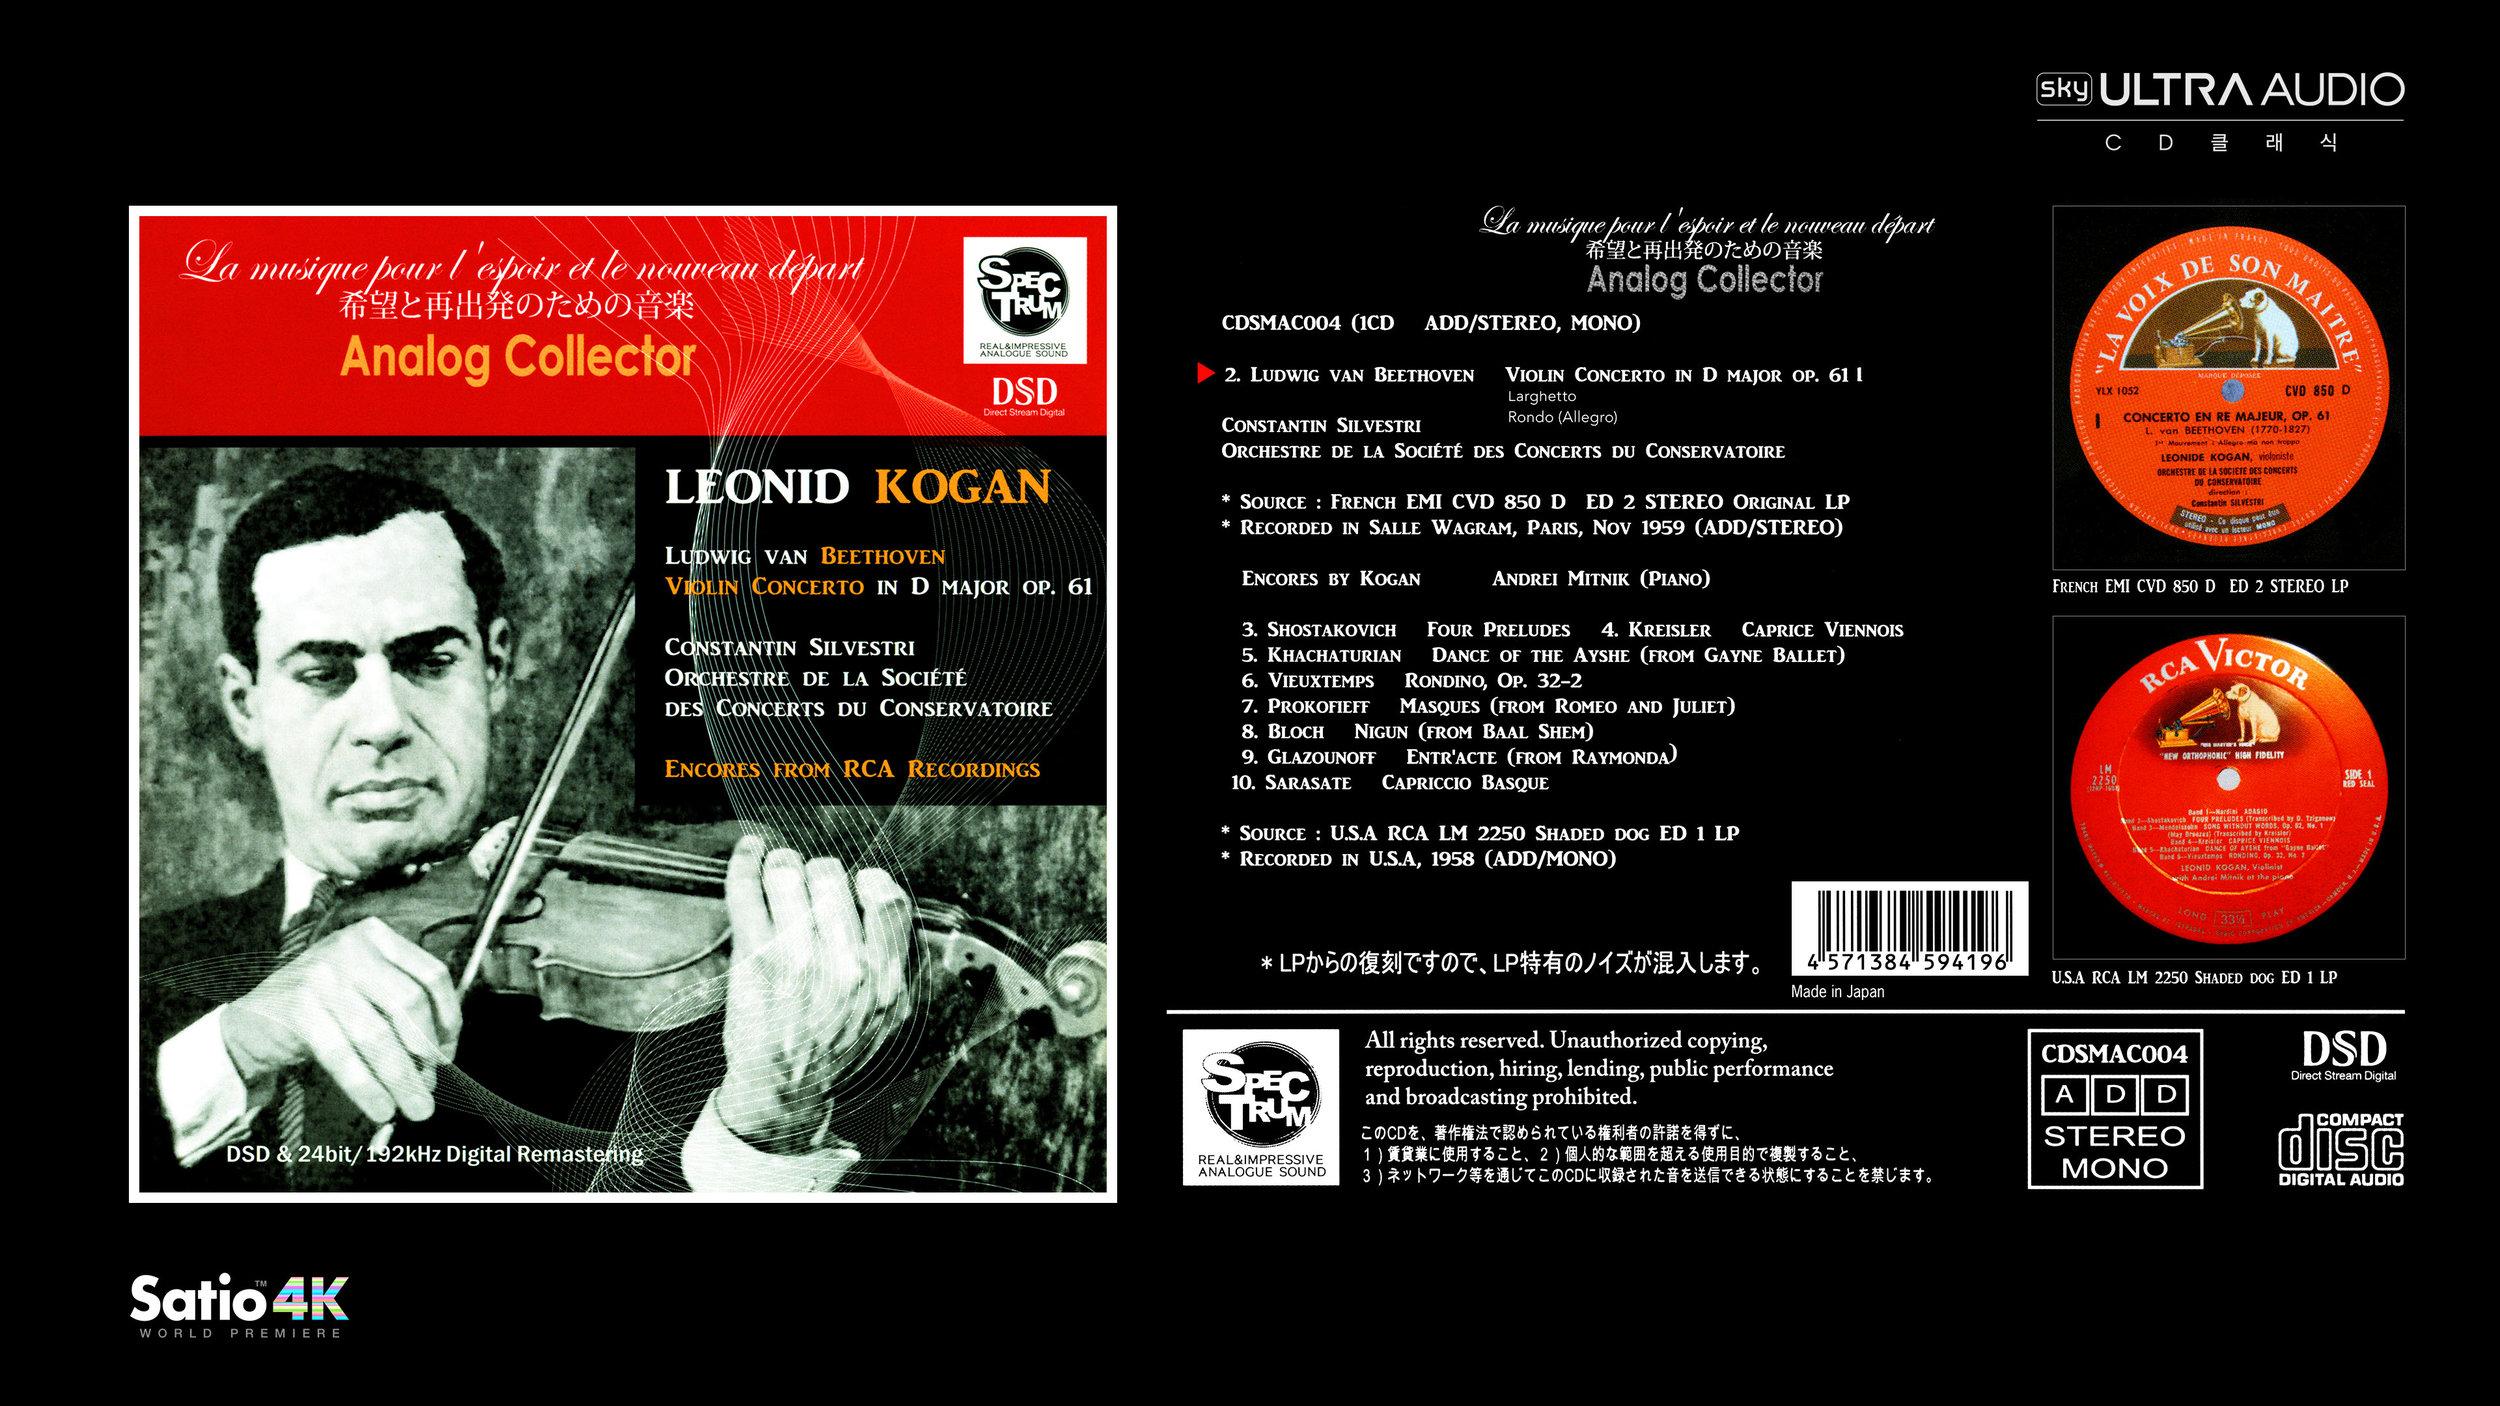 02_Leonid Kogan_Beethoven Violin Concerto & Encores_02.jpg